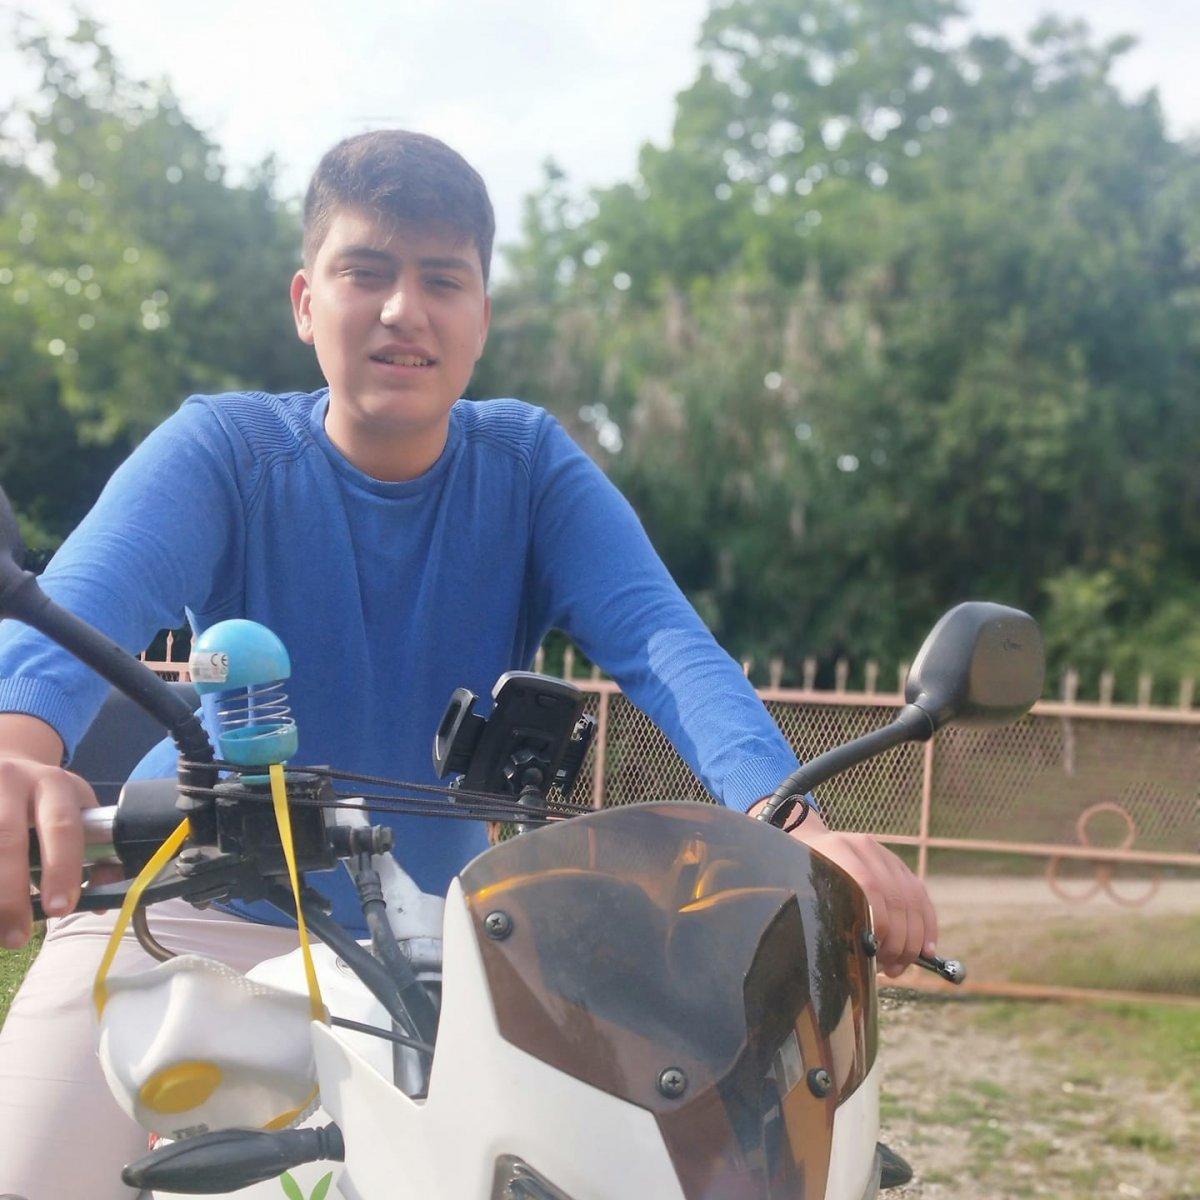 Bartın da 17 yaşındaki genç yanan araçta yaşamını yitirdi #2